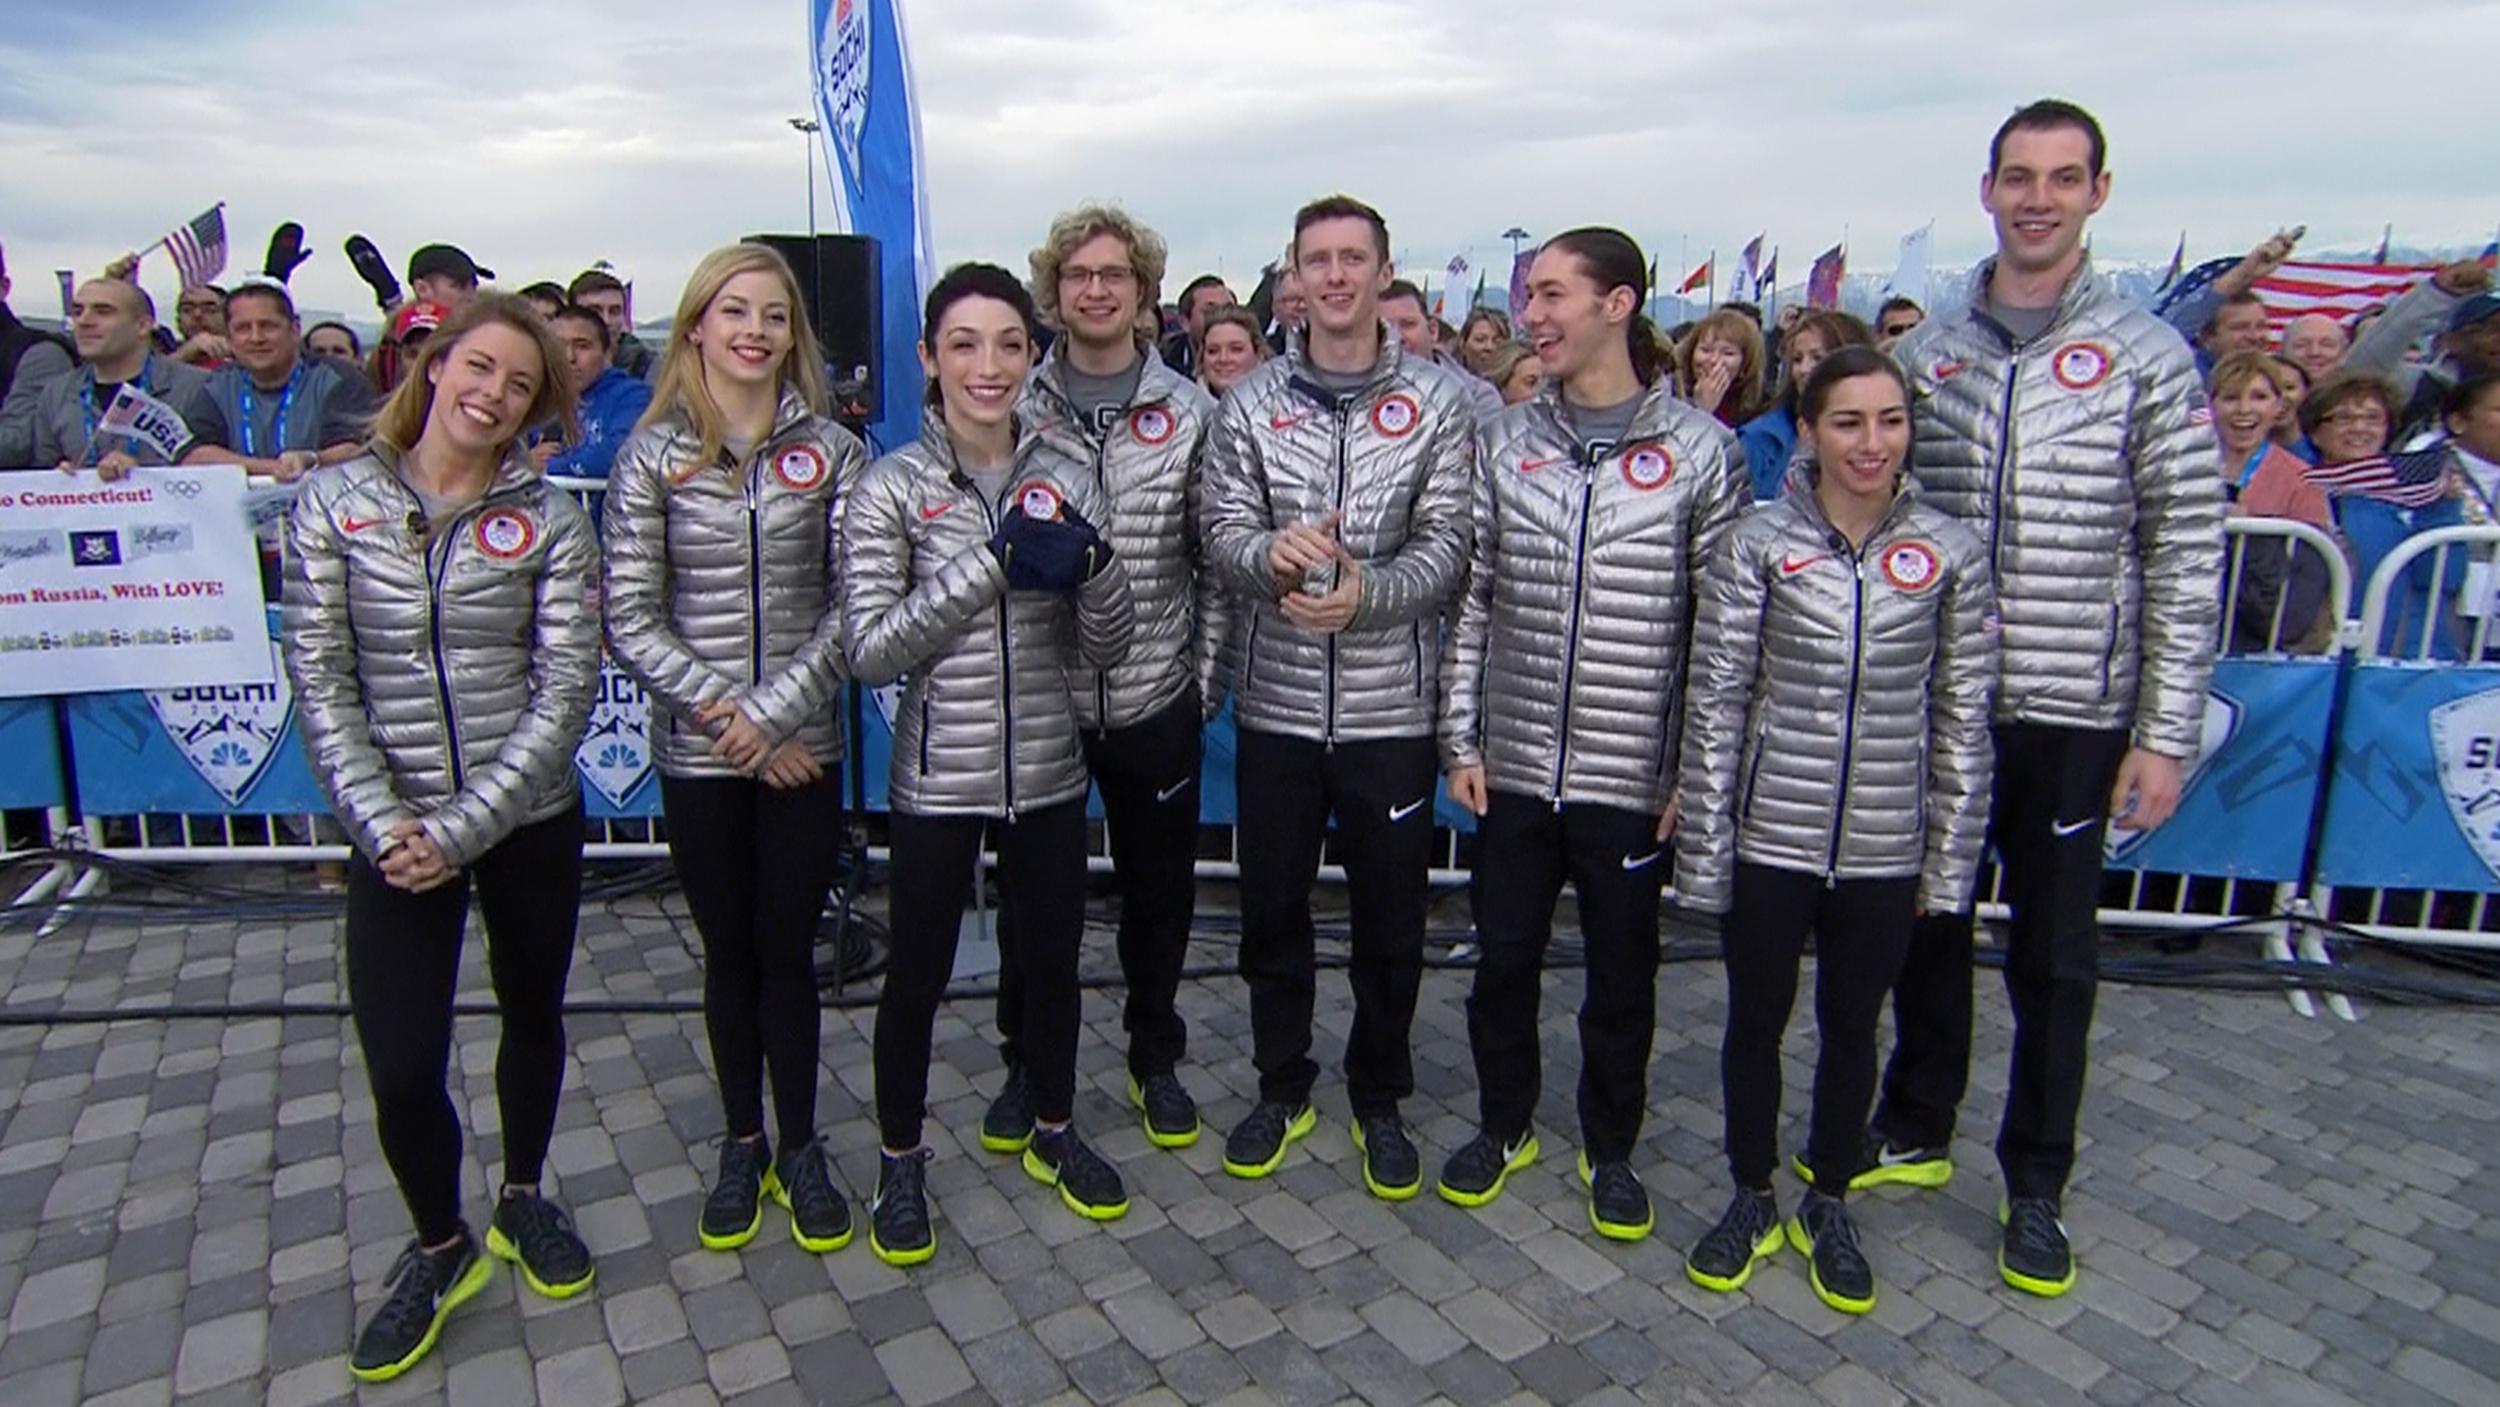 2018 Special Olympics USA Games Recap